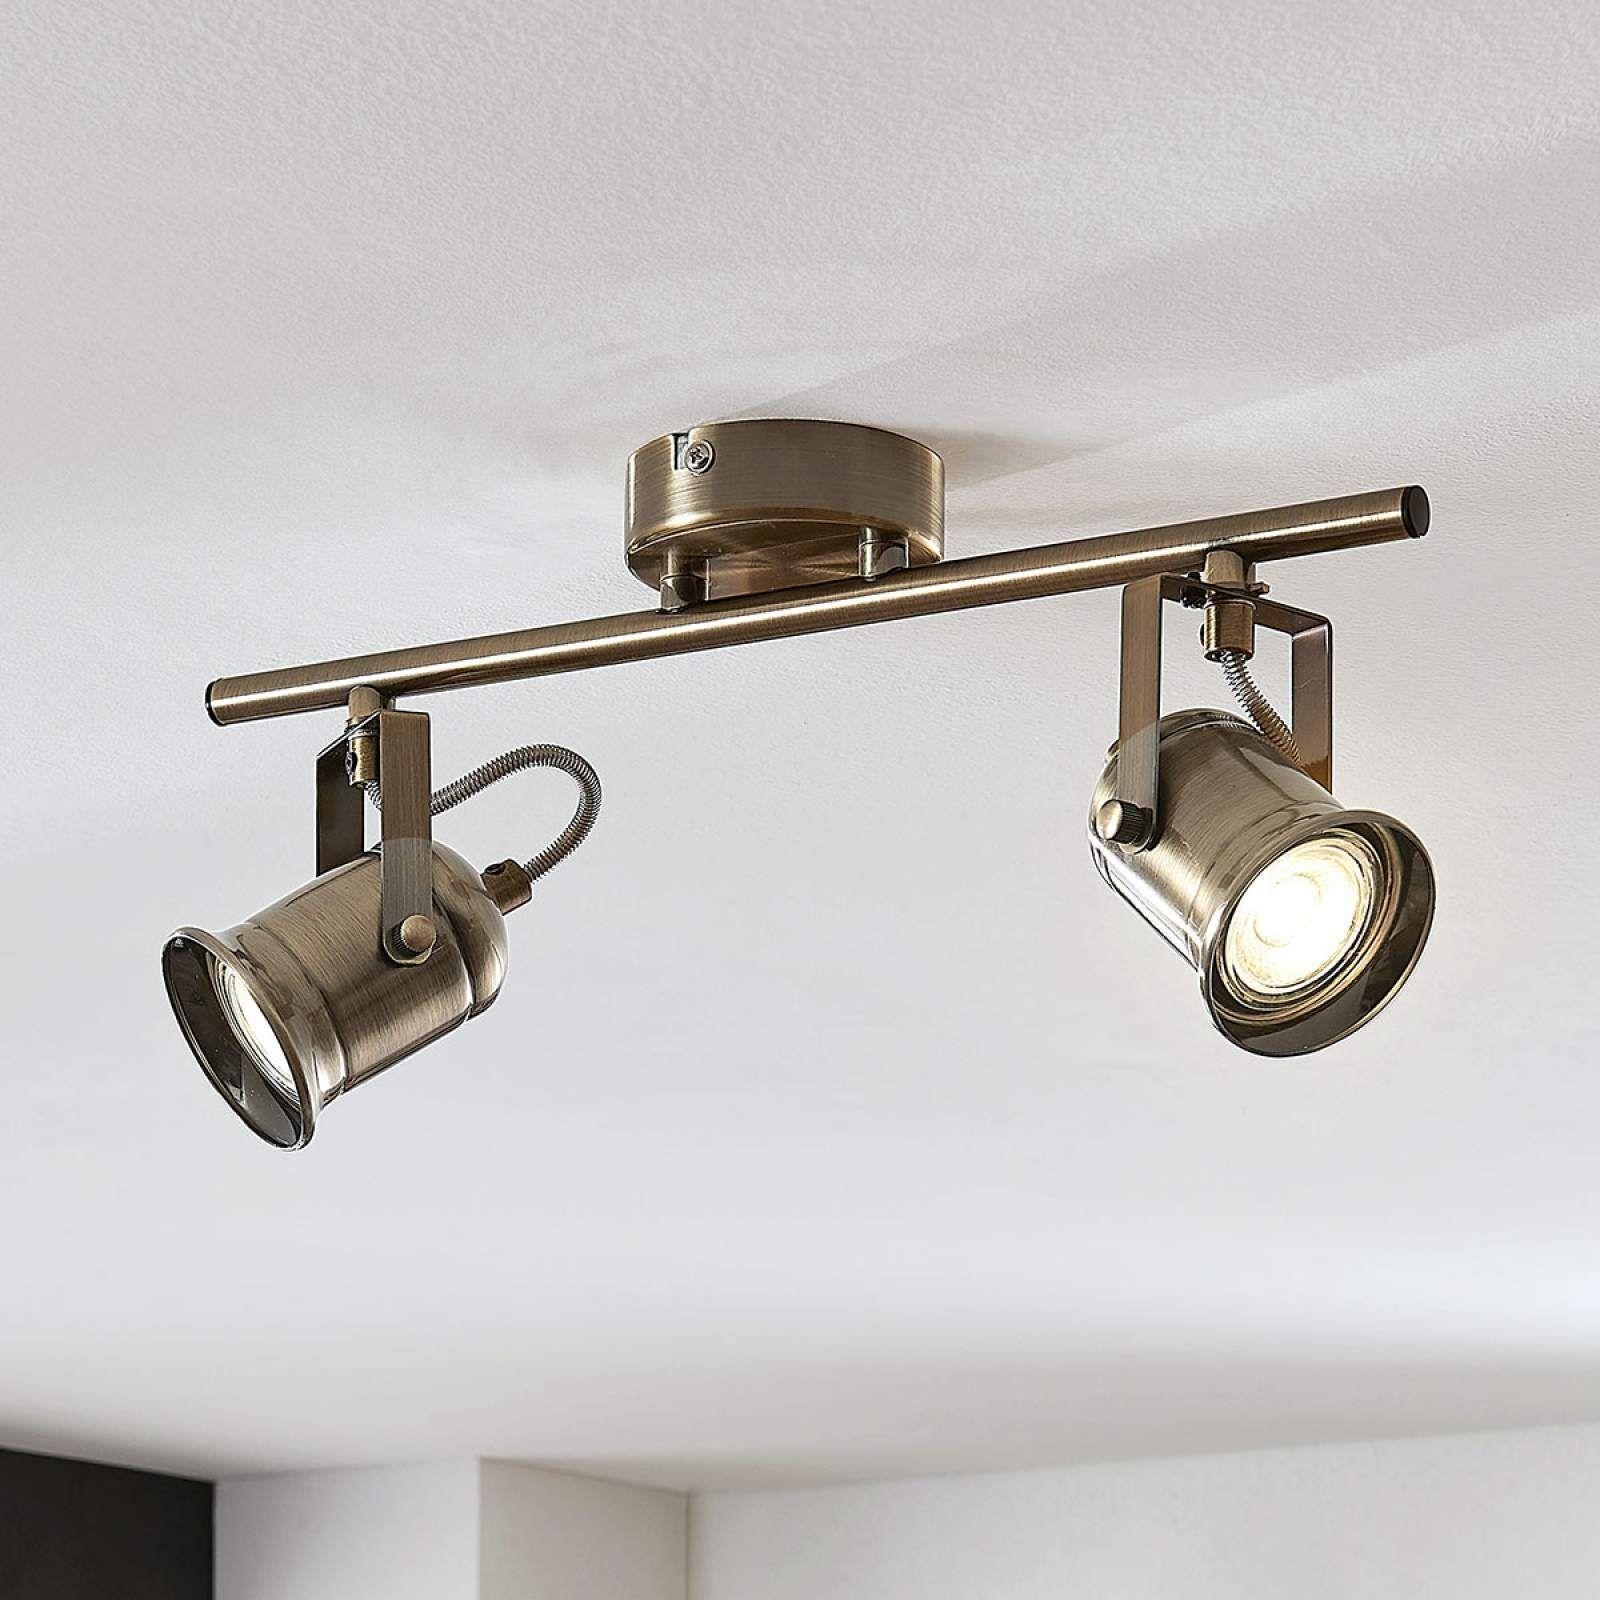 Full Size of Wohnzimmer Deckenlampen Küche Industrial Deckenlampe Schlafzimmer Für Esstisch Wohnzimmer Deckenlampe Industrial